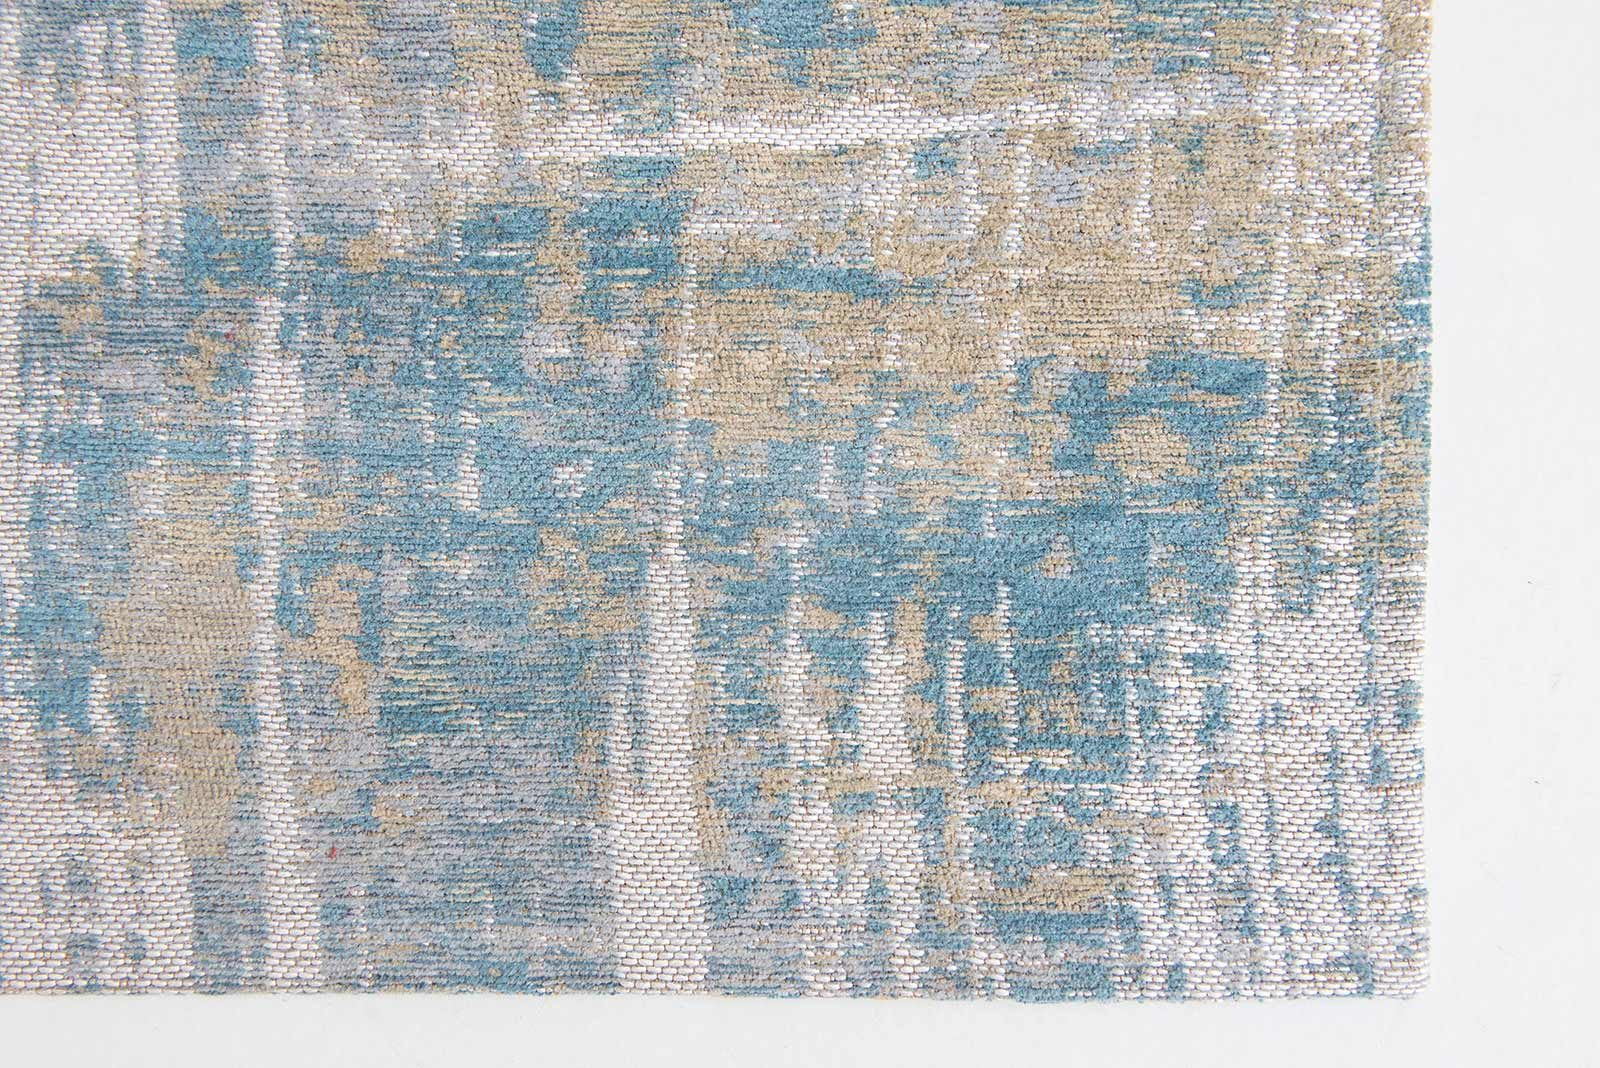 rugs Louis De Poortere LX8718 Atlantic Streaks Long Island corner